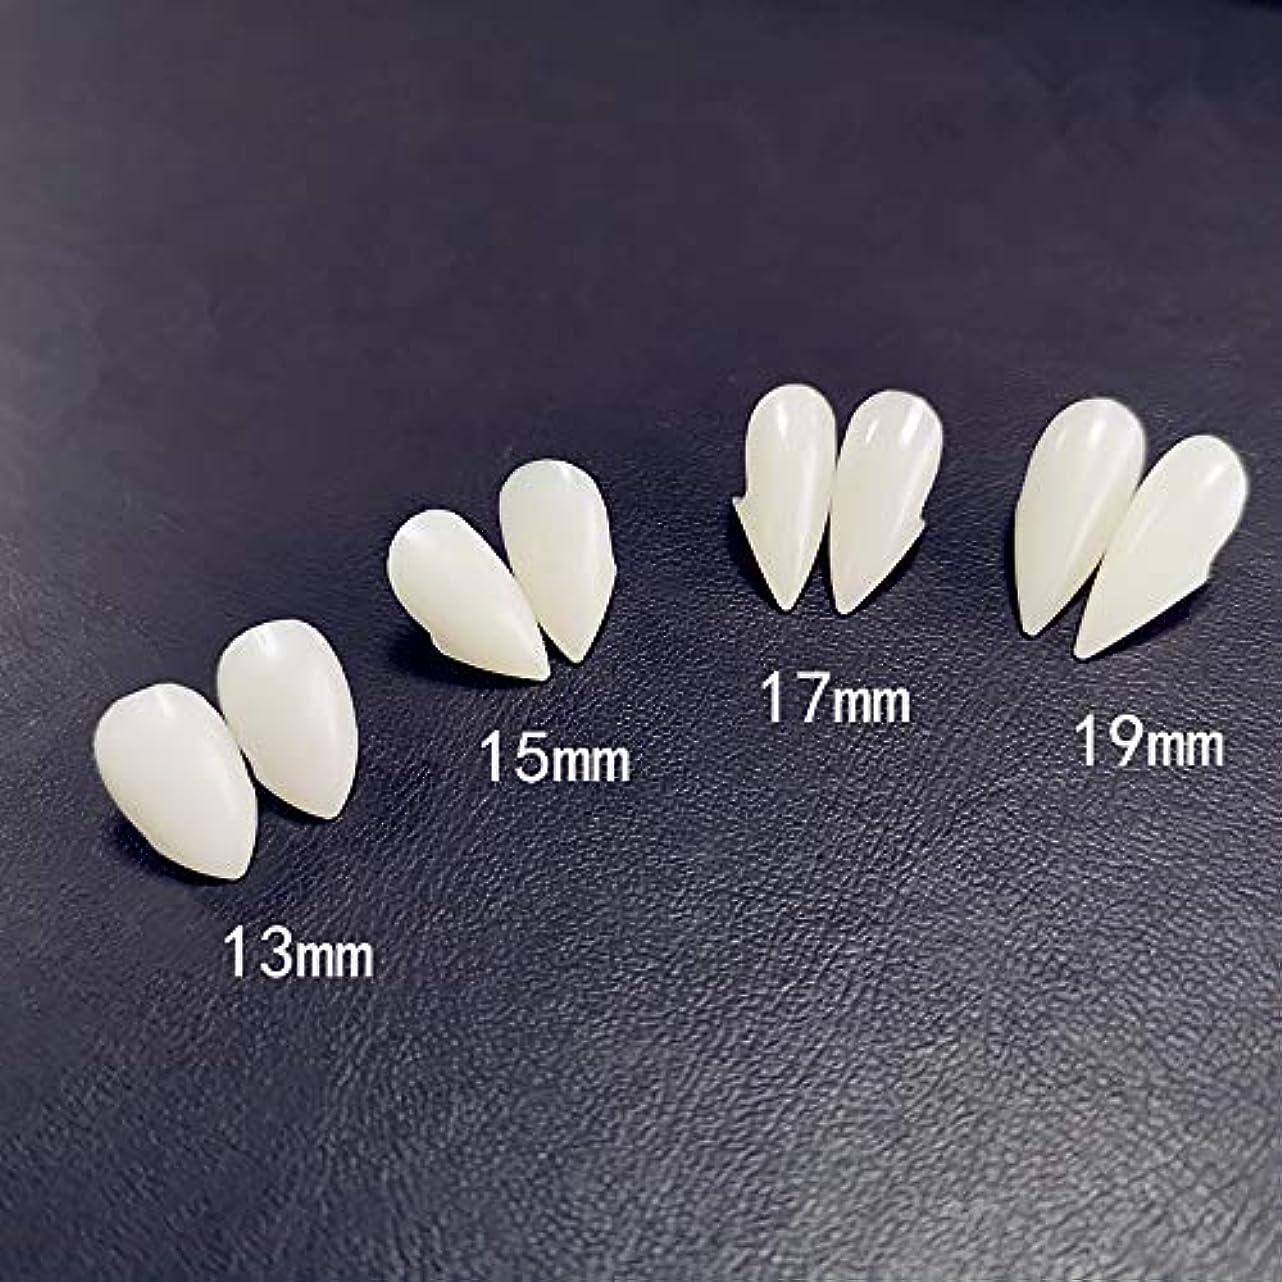 数値招待邪魔する6ペア牙キット歯の入れ歯歯の牙入れ歯小道具ハロウィーンの衣装小道具パーティーの好意休日DIYの装飾ホラー大人のための子供,13mm